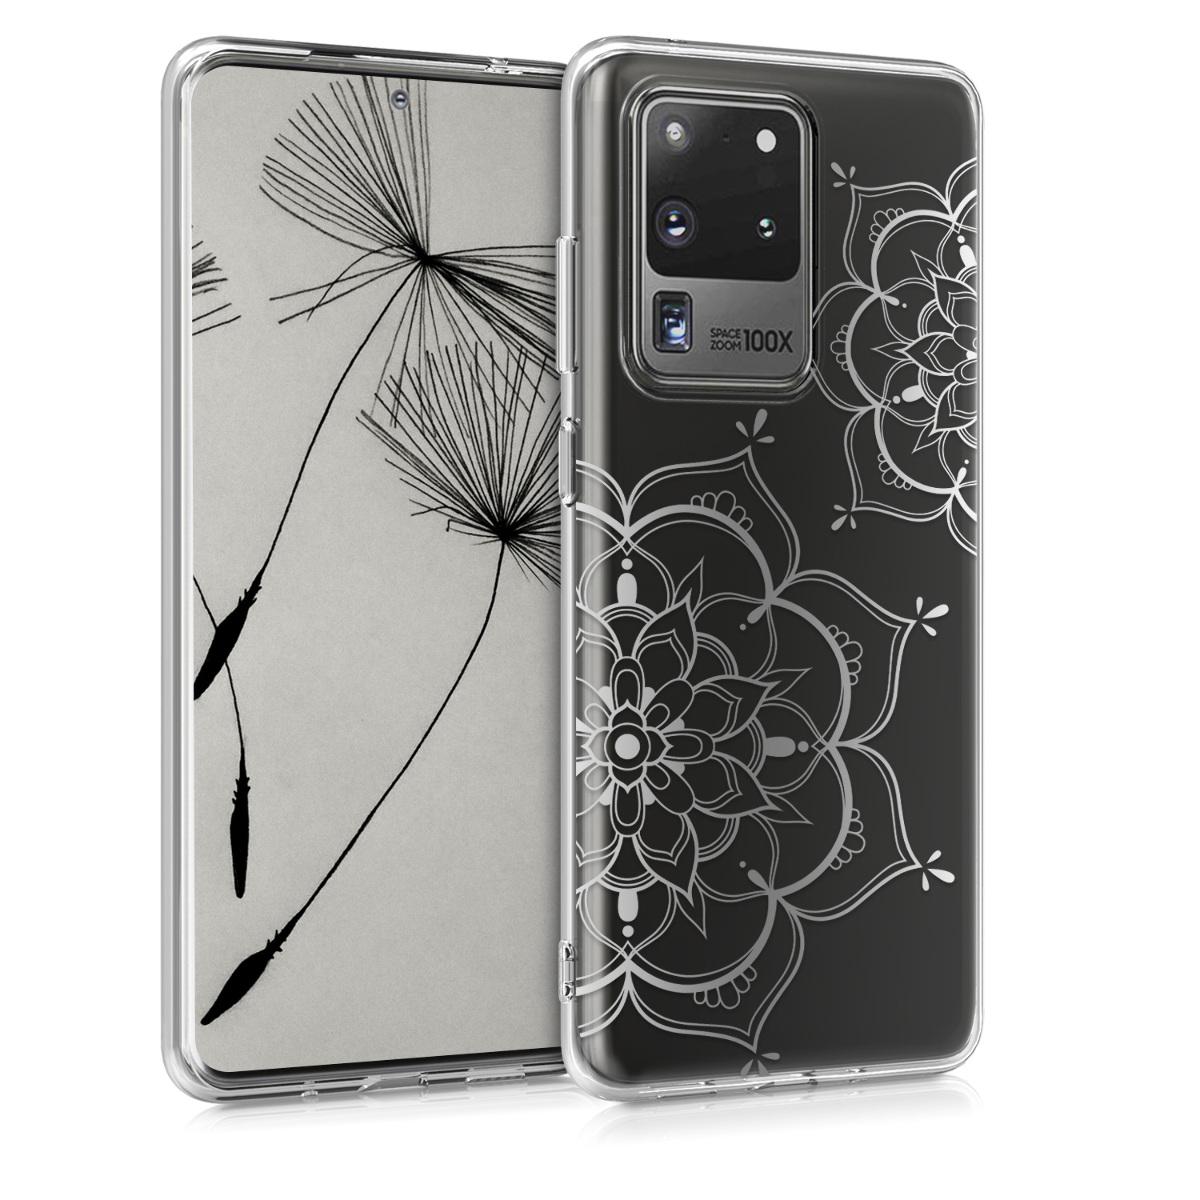 Silikonové pouzdro / obal s motivem stříbrných květů pro Samsung S20 Ultra